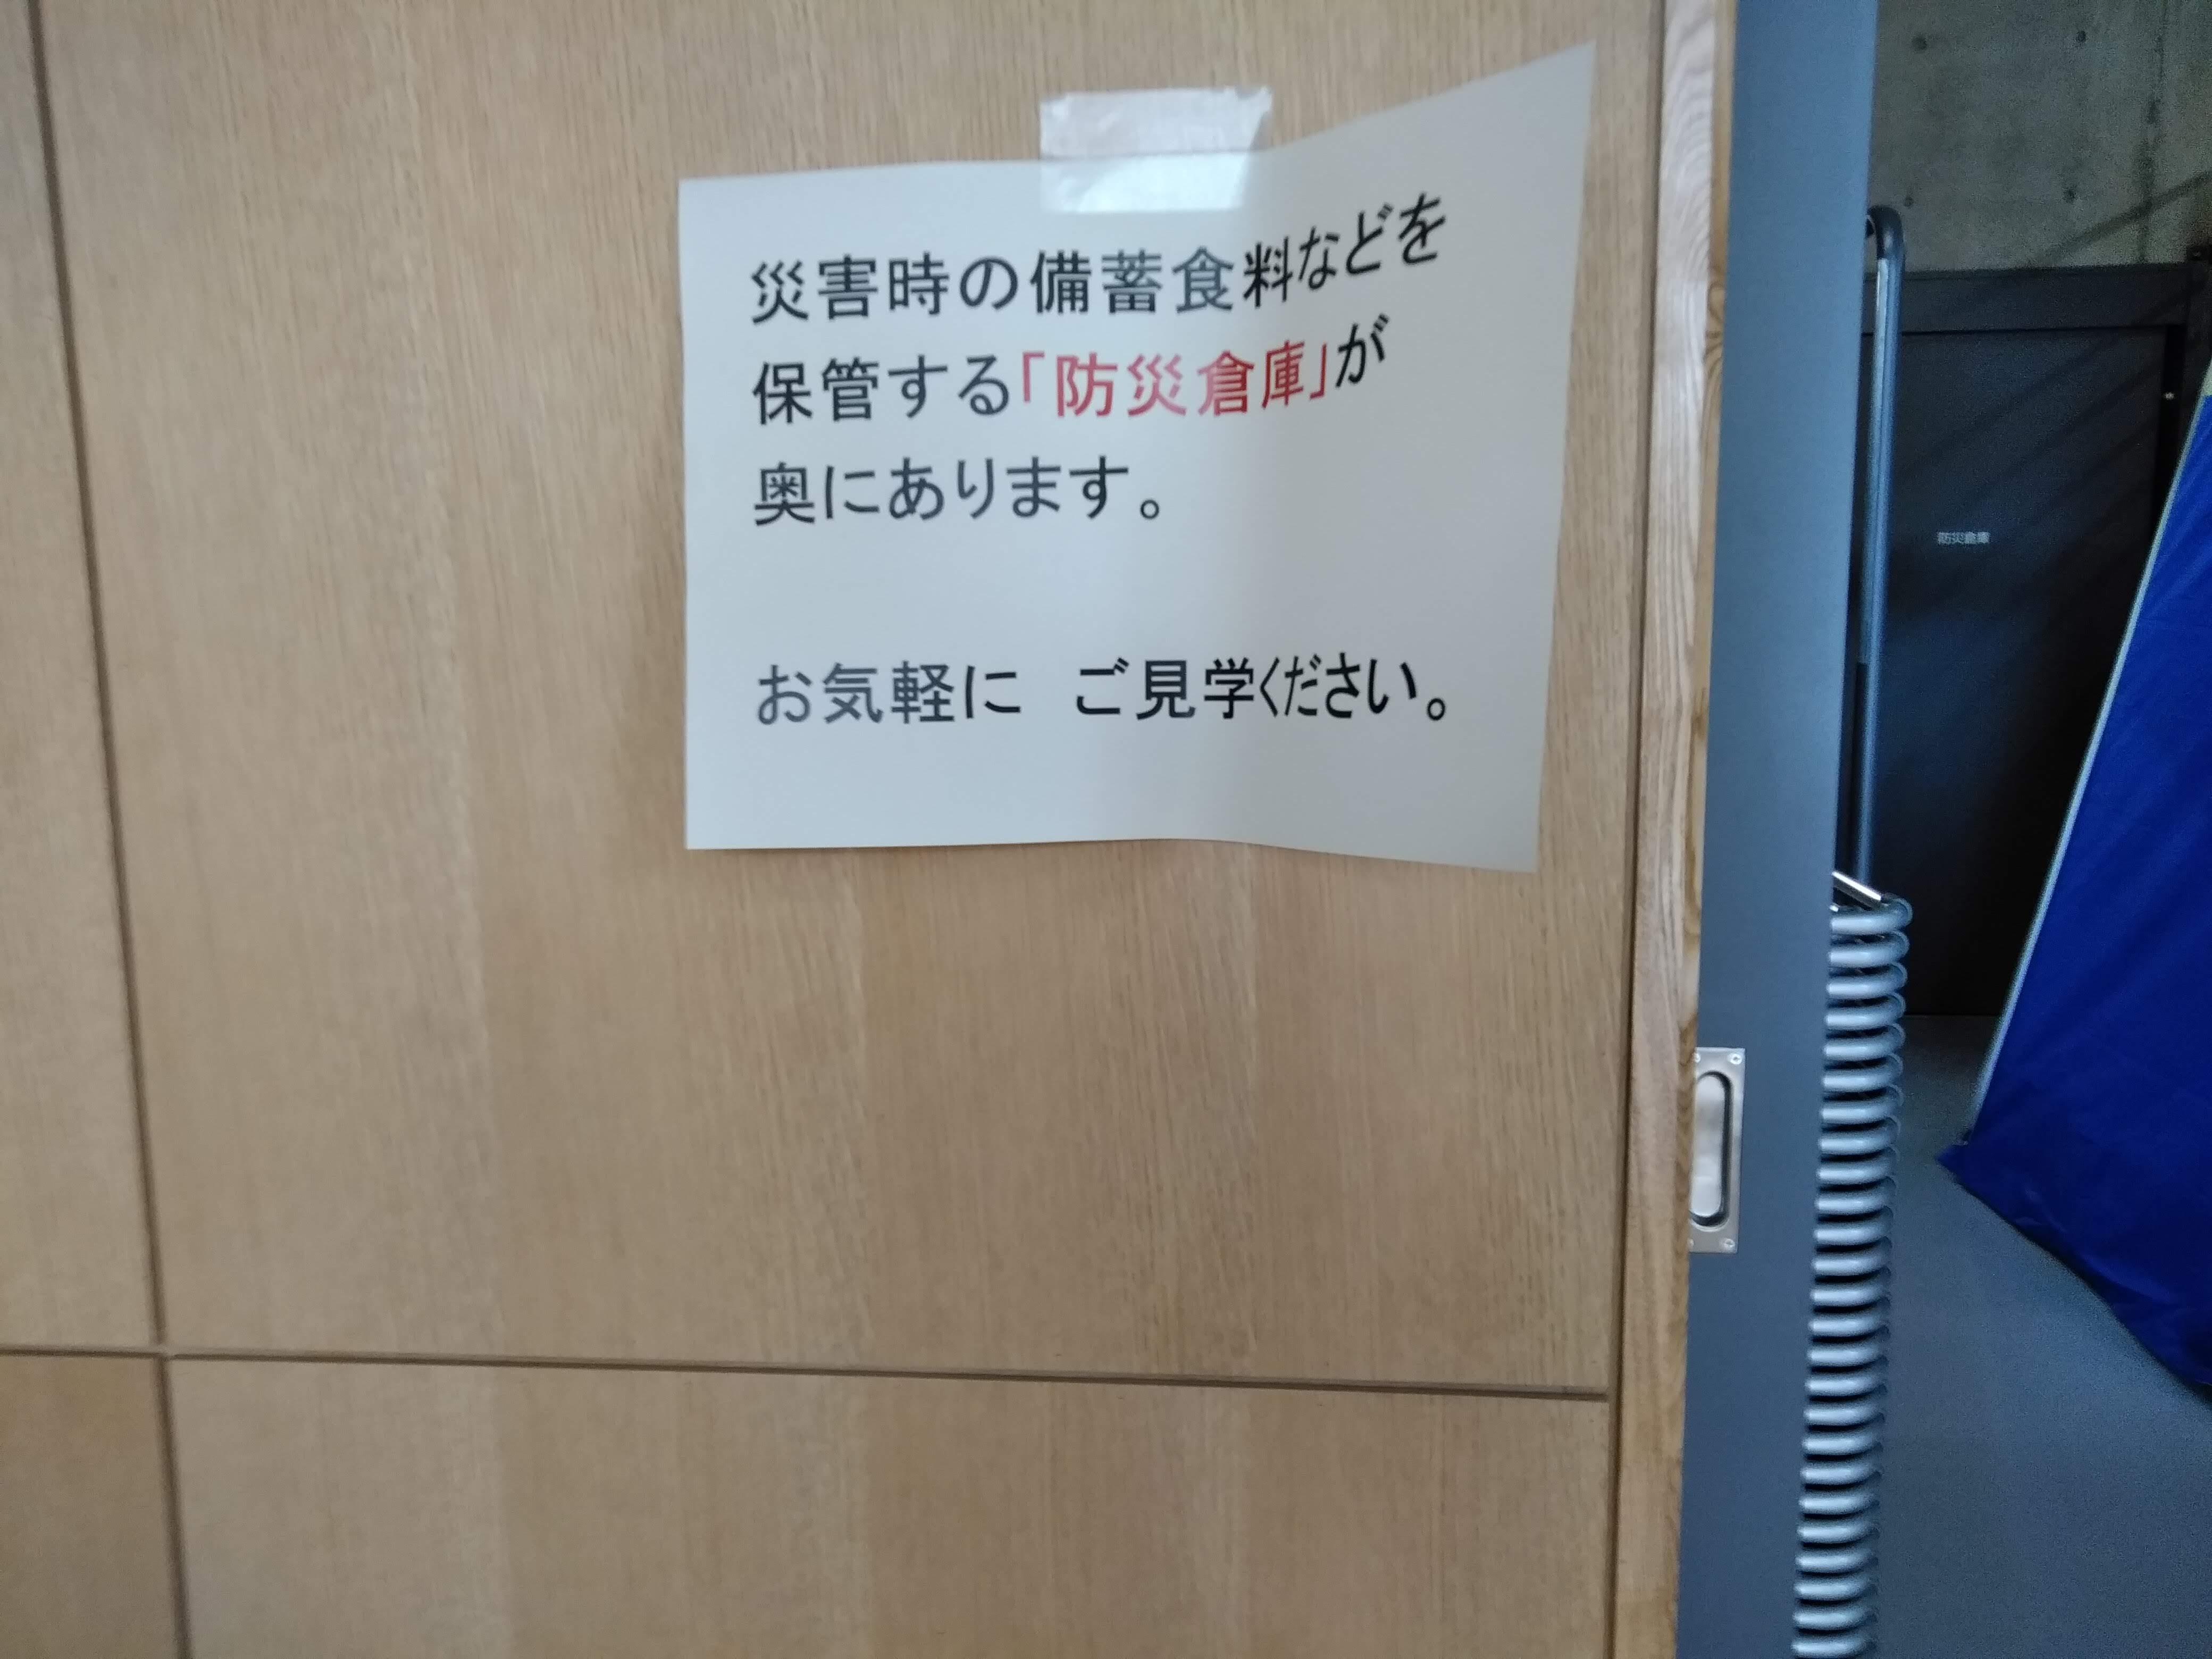 【祝】岡部学習センター・岡部公民館・岡部図書館・岡部総合支所 内覧会 体育館の中に…